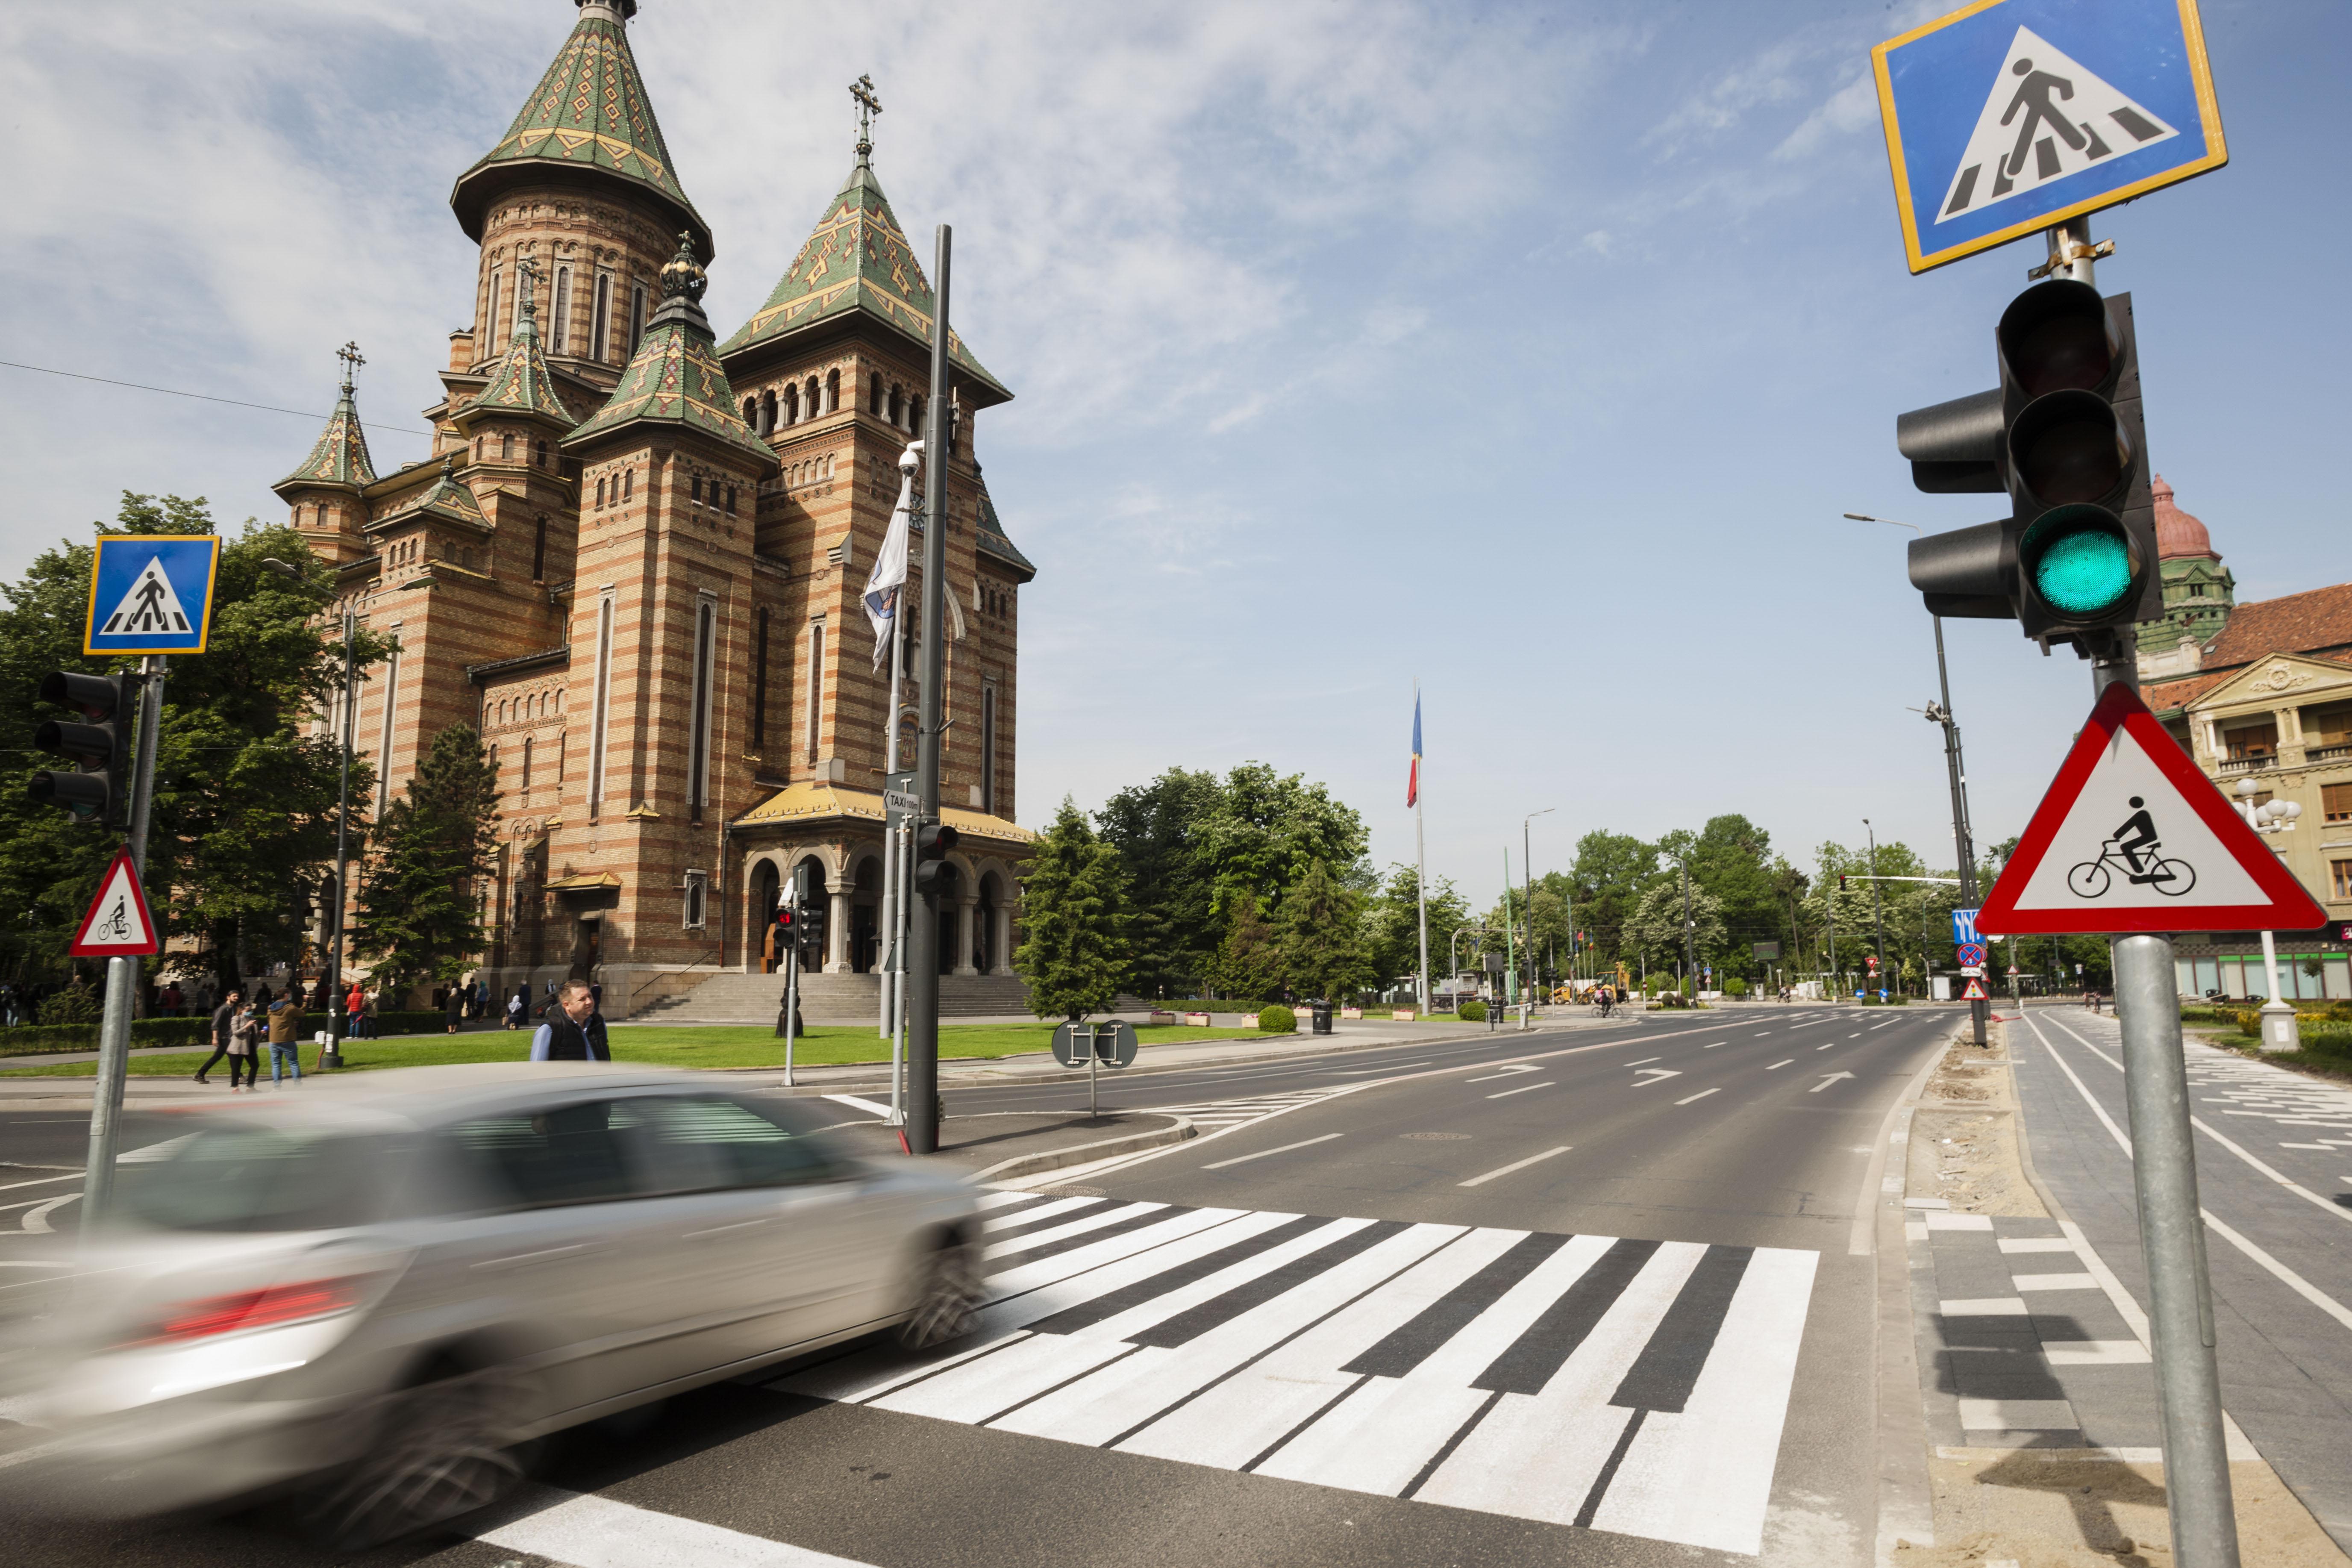 Un șofer de 97 de ani din Timișoara a lovit un bărbat pe trecerea de pietoni apoi a fugit de la locul accidentului